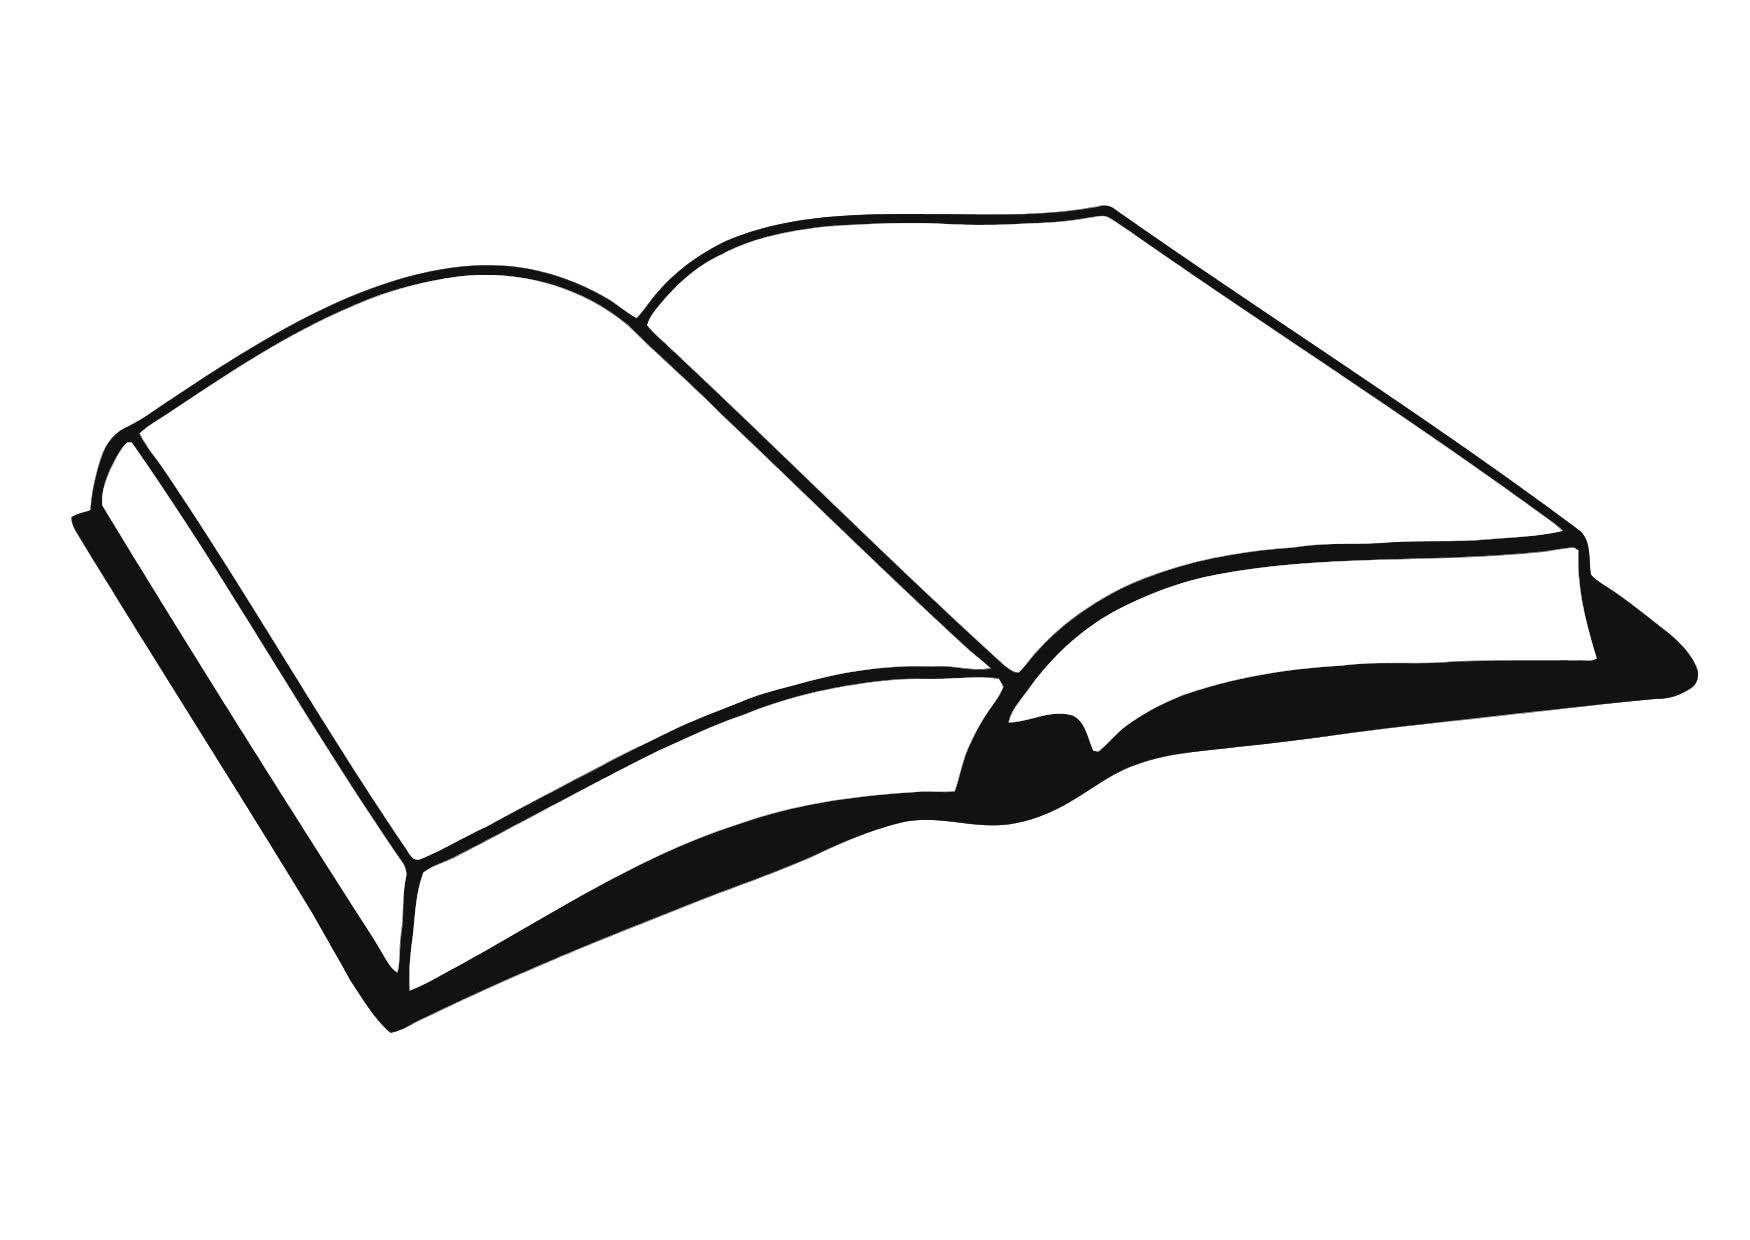 Ziemlich Malvorlagen Von Büchern Bilder - Beispielzusammenfassung ...